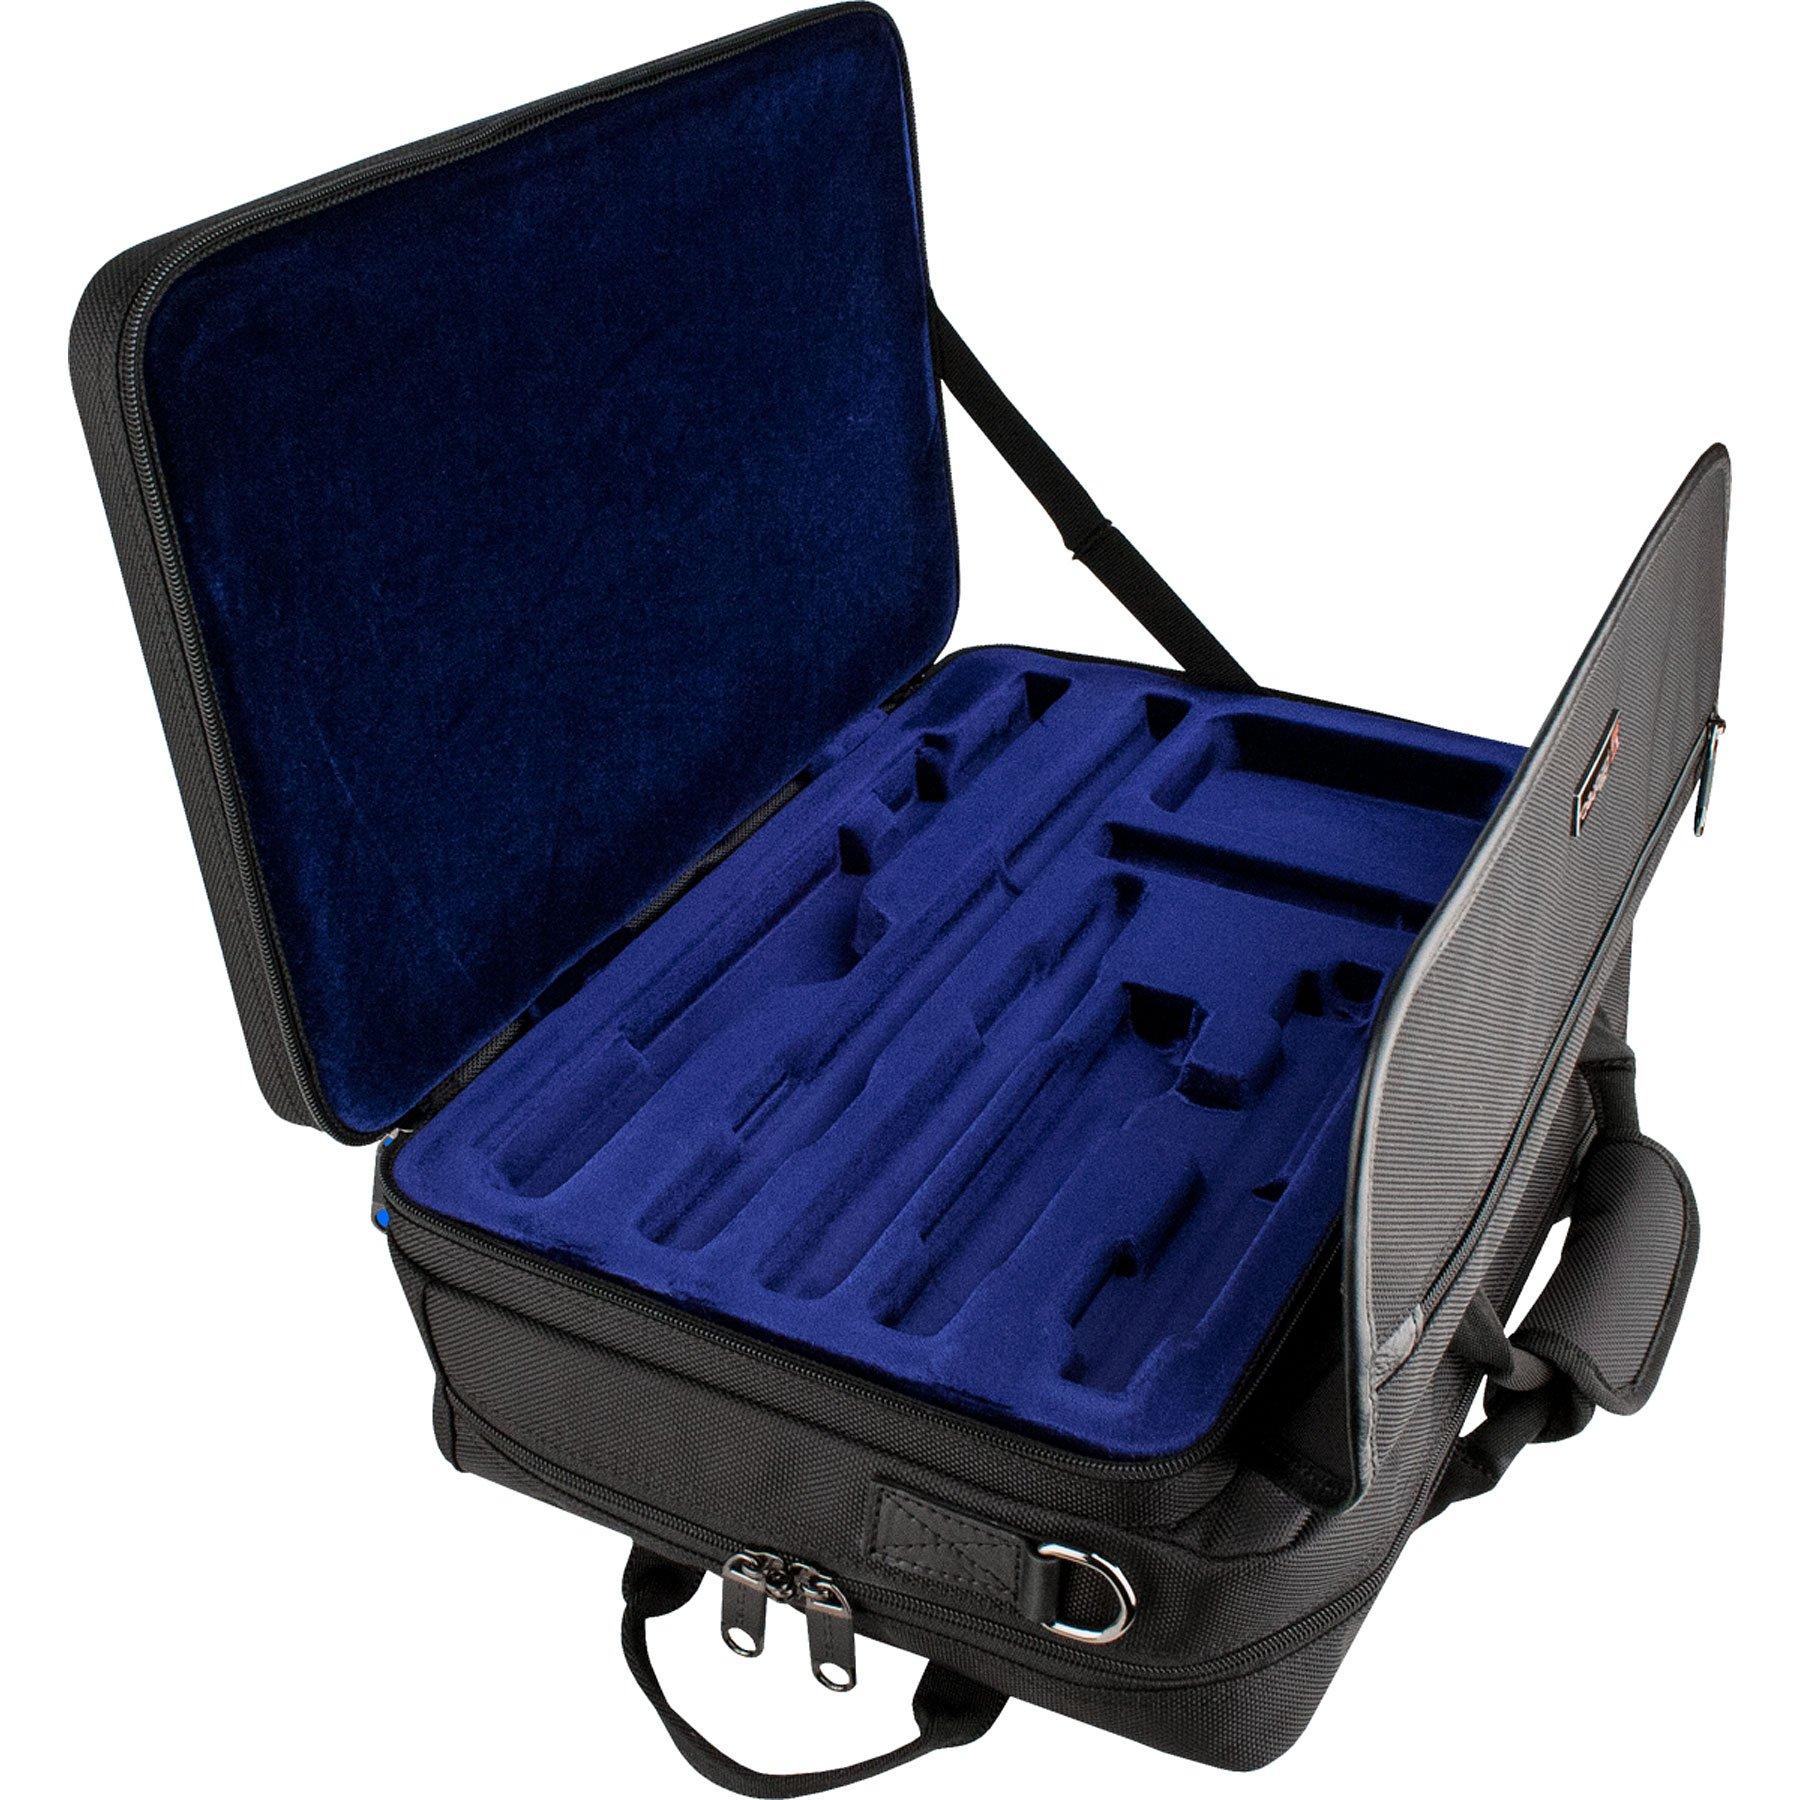 Pro Tec Lux Flute/Piccolo Messenger PRO PAC Case LX308PICC Flute, Black by ProTec